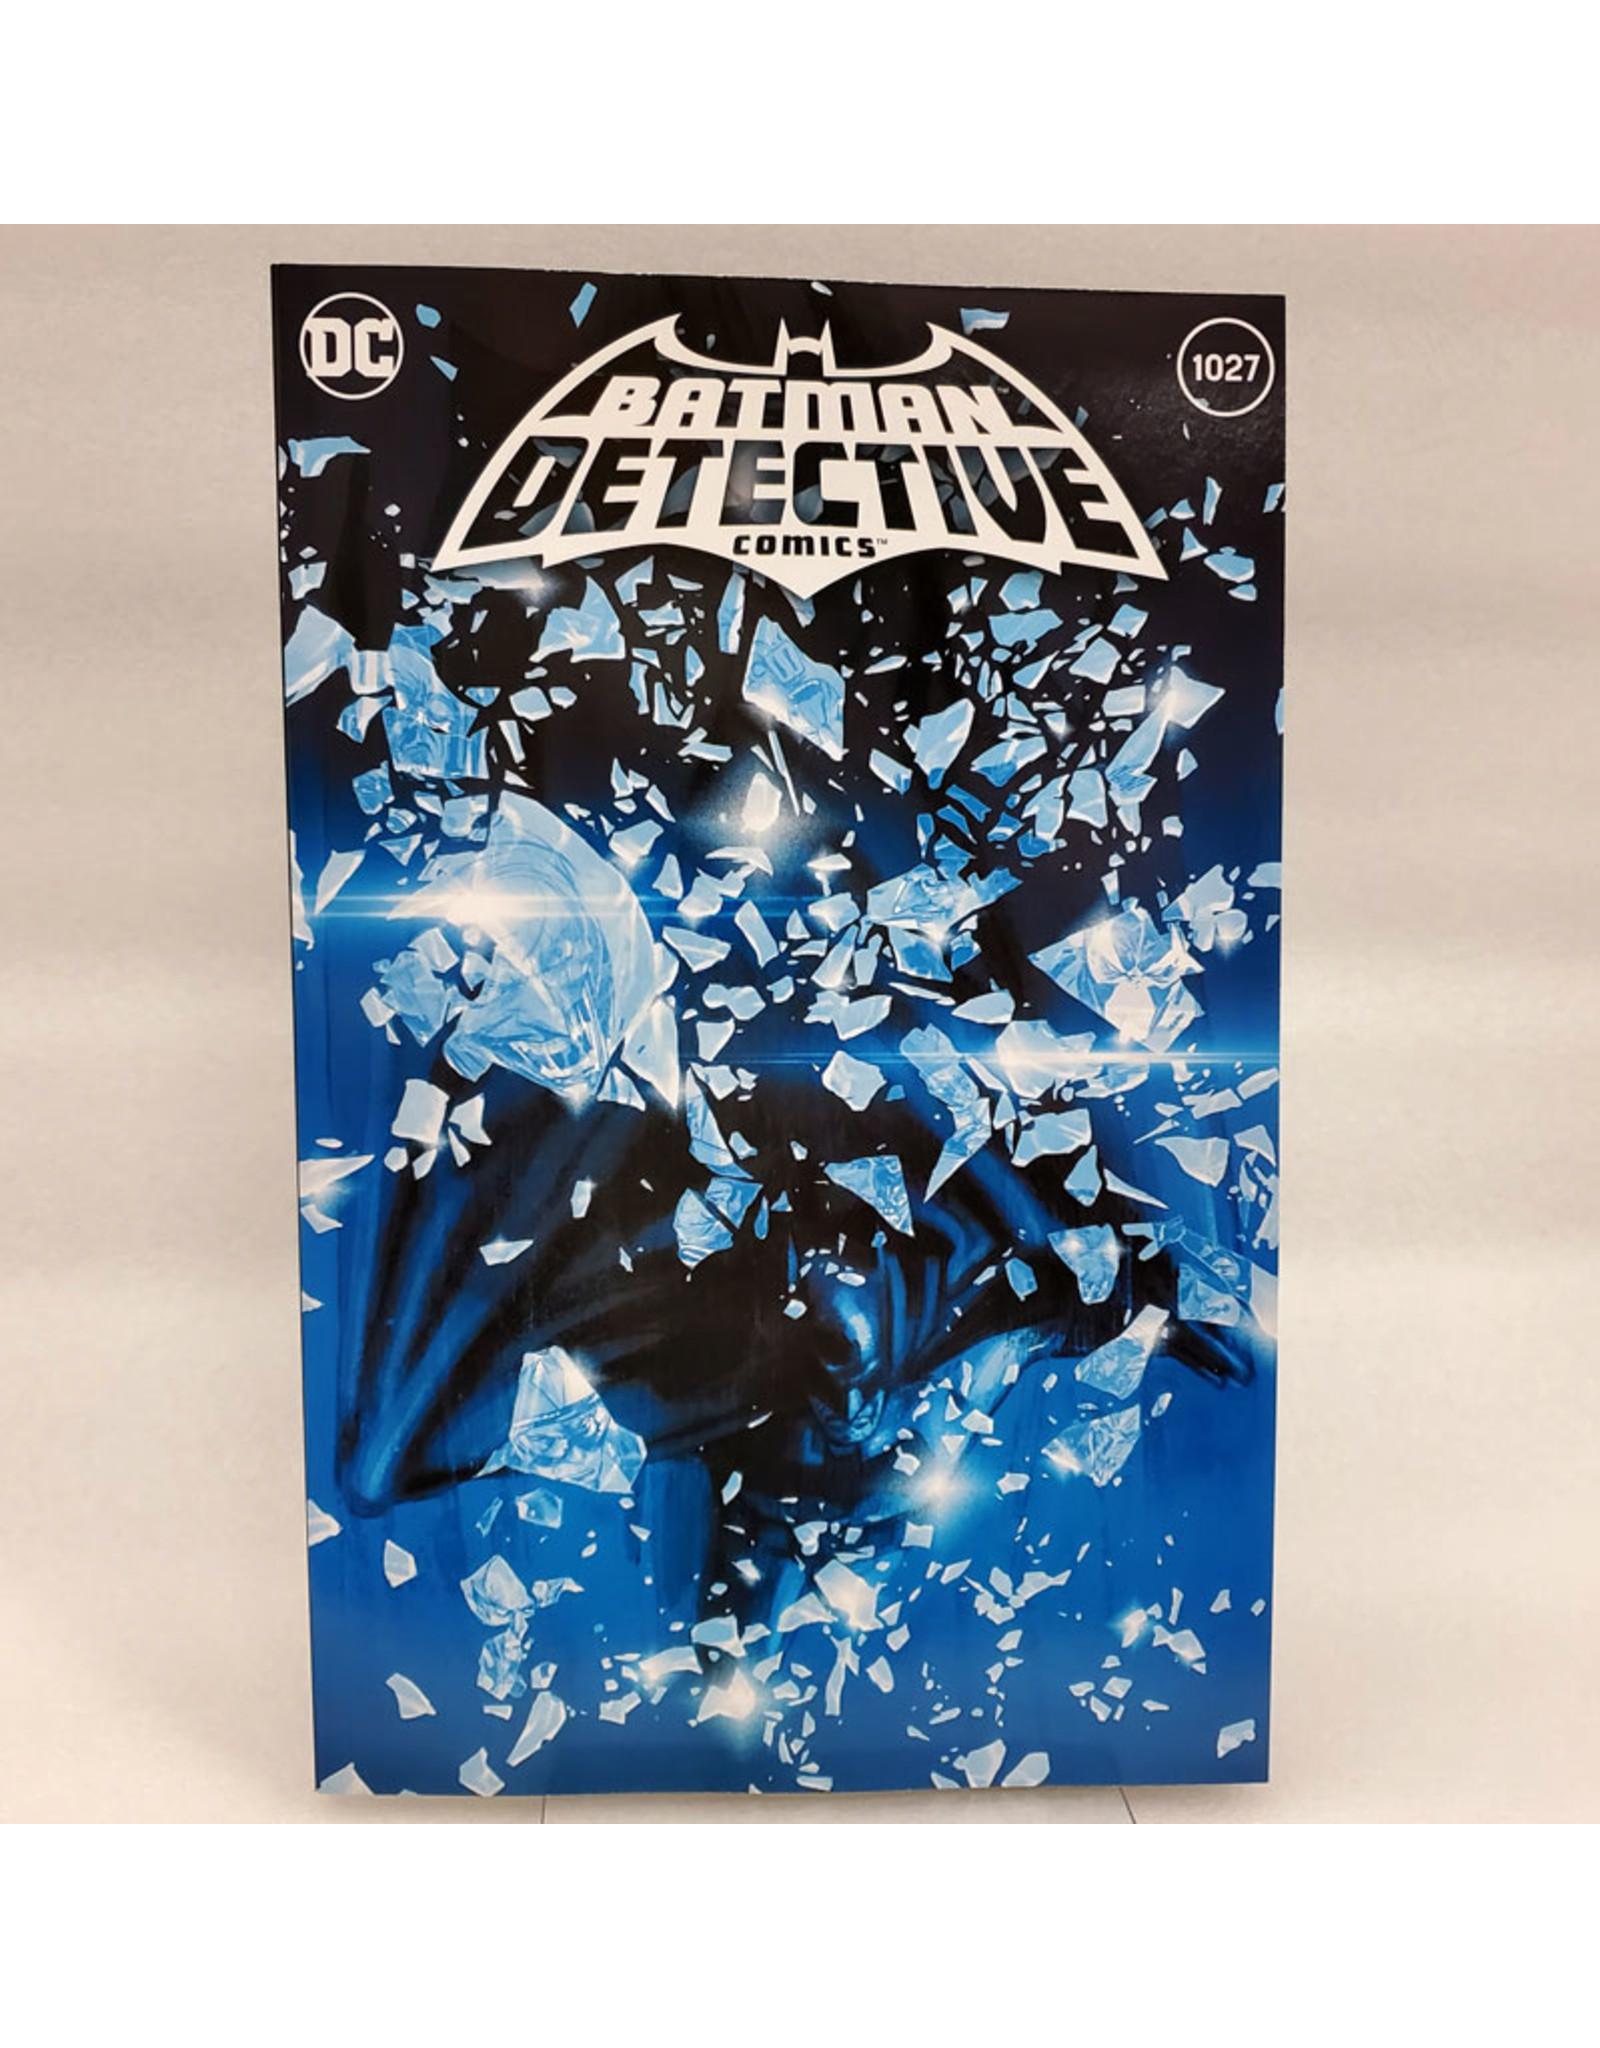 DC COMICS DETECTIVE COMICS #1027 MITCH GERADS COMICS CONSPIRACY EXCUSIVE VARIANT